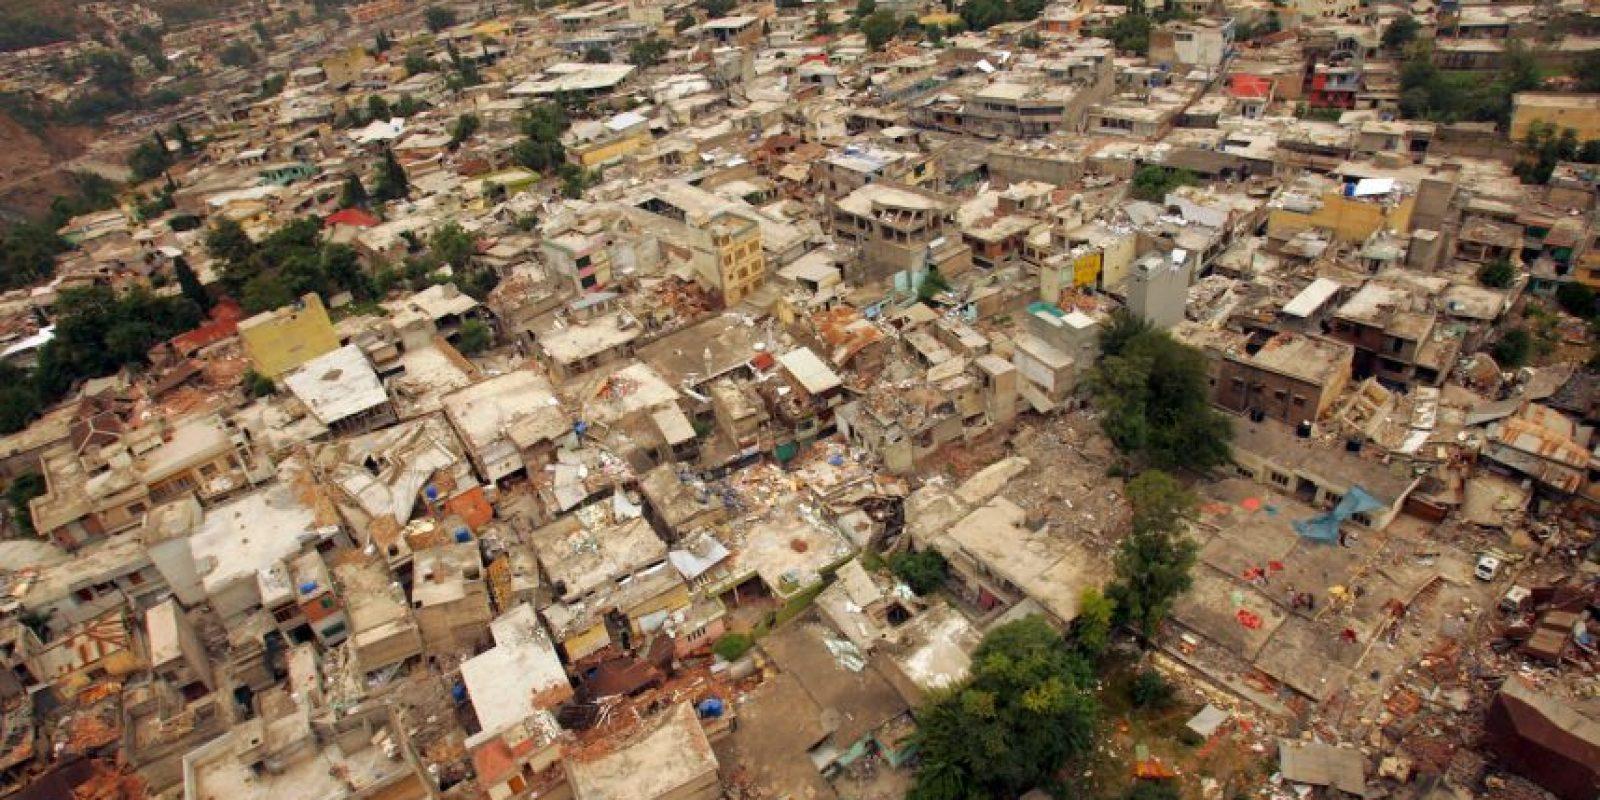 La mujer de 40 años de edad sobrevivió 64 días comiendo alimentos podridos y tomando agua de lluvia Foto:Getty Images